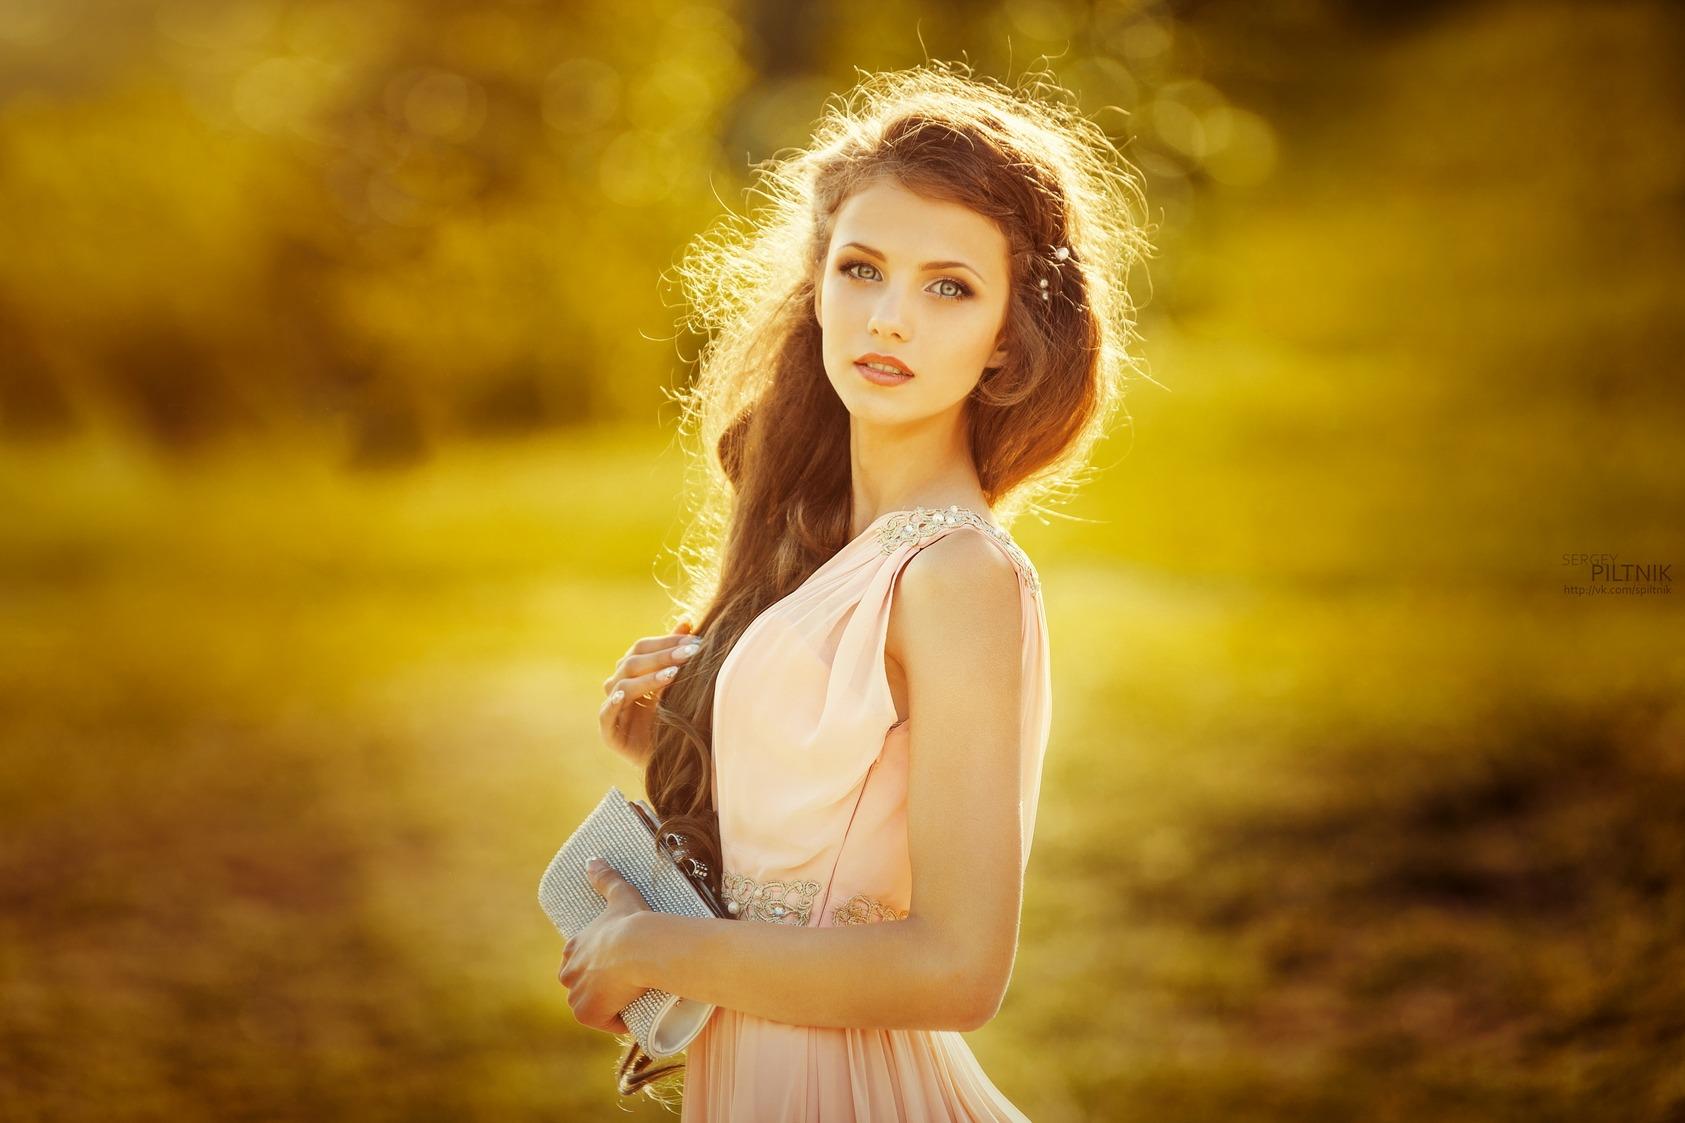 Профессиональное фото девушки женщины